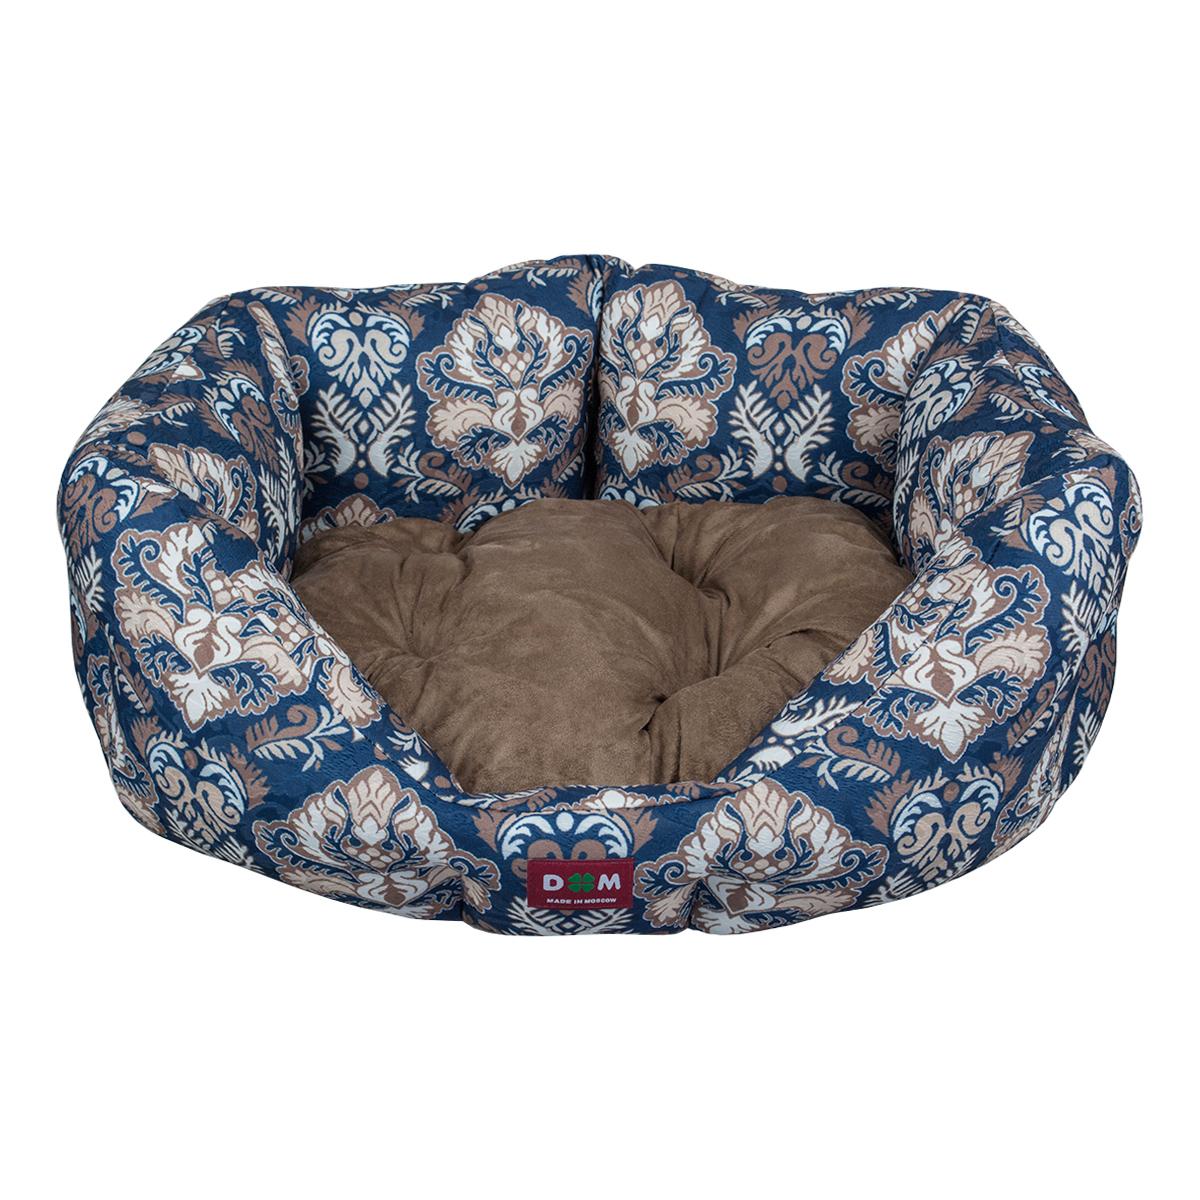 Лежак для животных Dogmoda Барон, цвет: синий, коричневый, 52 х 48 х 20 смDM-160274Лежак Dogmoda Барон прекрасно подойдет для отдыха вашего домашнего питомца. Предназначен для кошек, а так же собак мелких пород. Изделие выполнено из прочной ткани. Снабжено высокими широкими бортиками и съемной мягкой подушкой. Комфортный и уютный лежак обязательно понравится вашему питомцу, животное сможет там отдохнуть и выспаться. Размер лежака: 52 х 48 х 20 см. Состав: жаккард, искусственная замша. Наполнитель: поролон, холлофайбер.